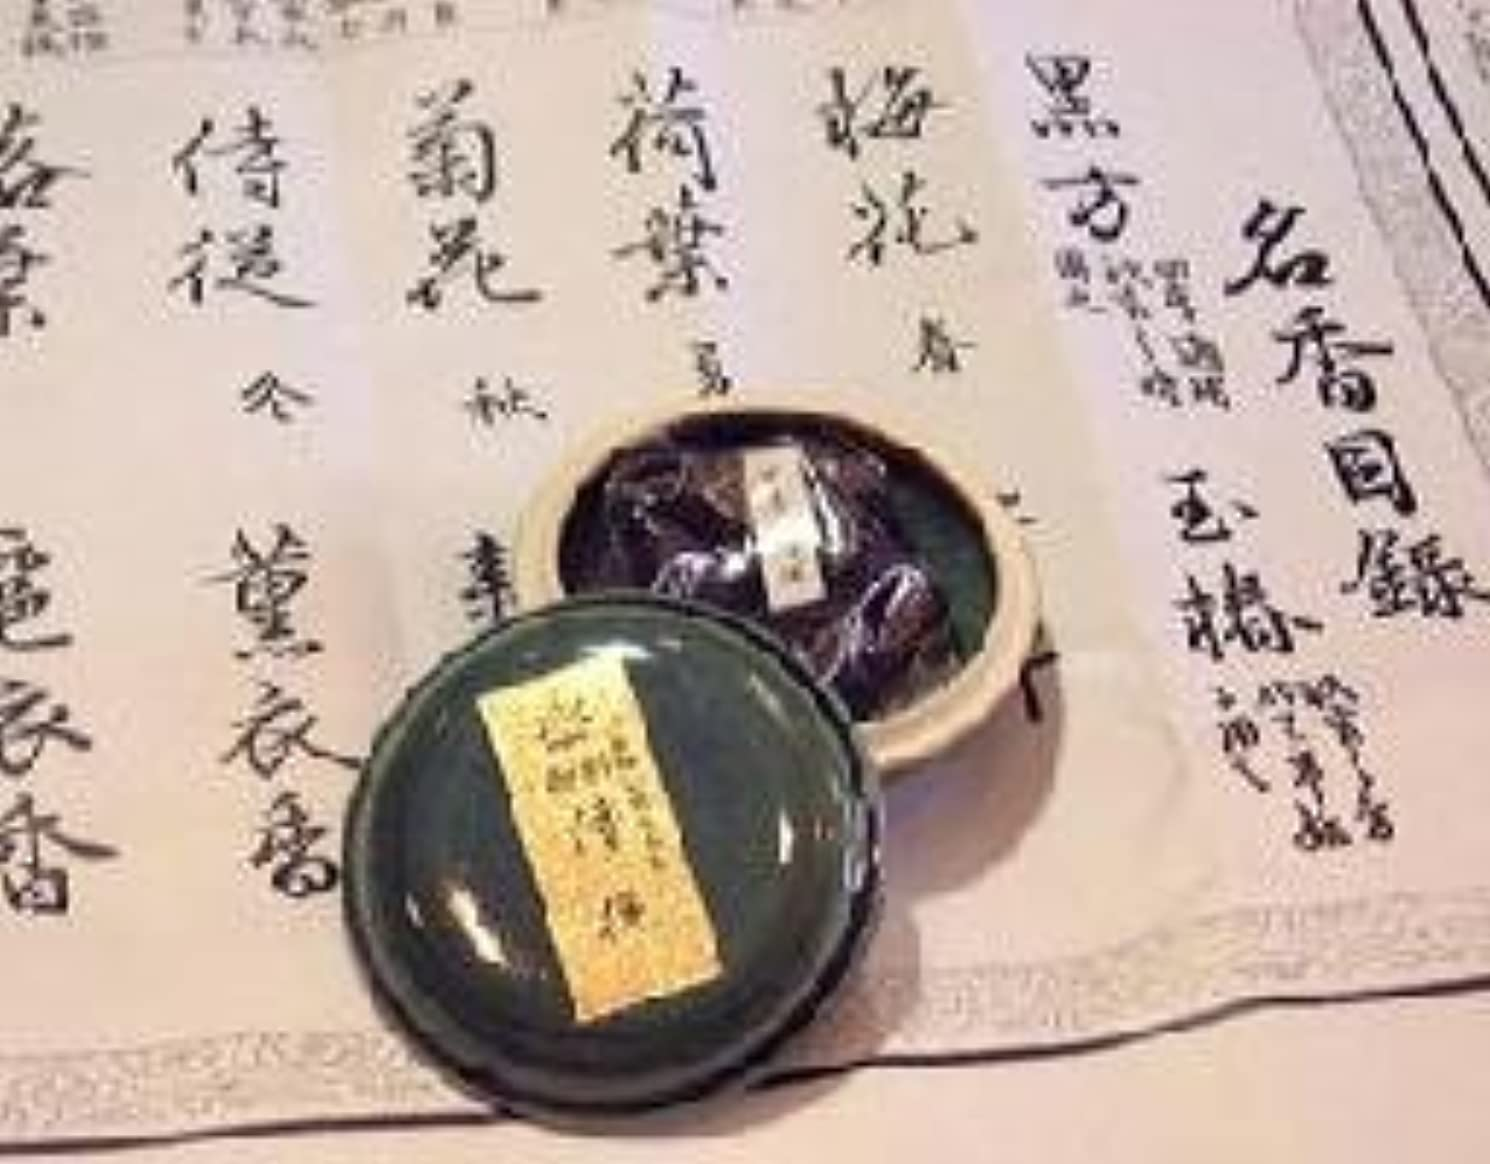 ボールドメインそれに応じて鳩居堂の煉香 御香 侍従 桐箱 たと紙 陶器香合11g入 #505